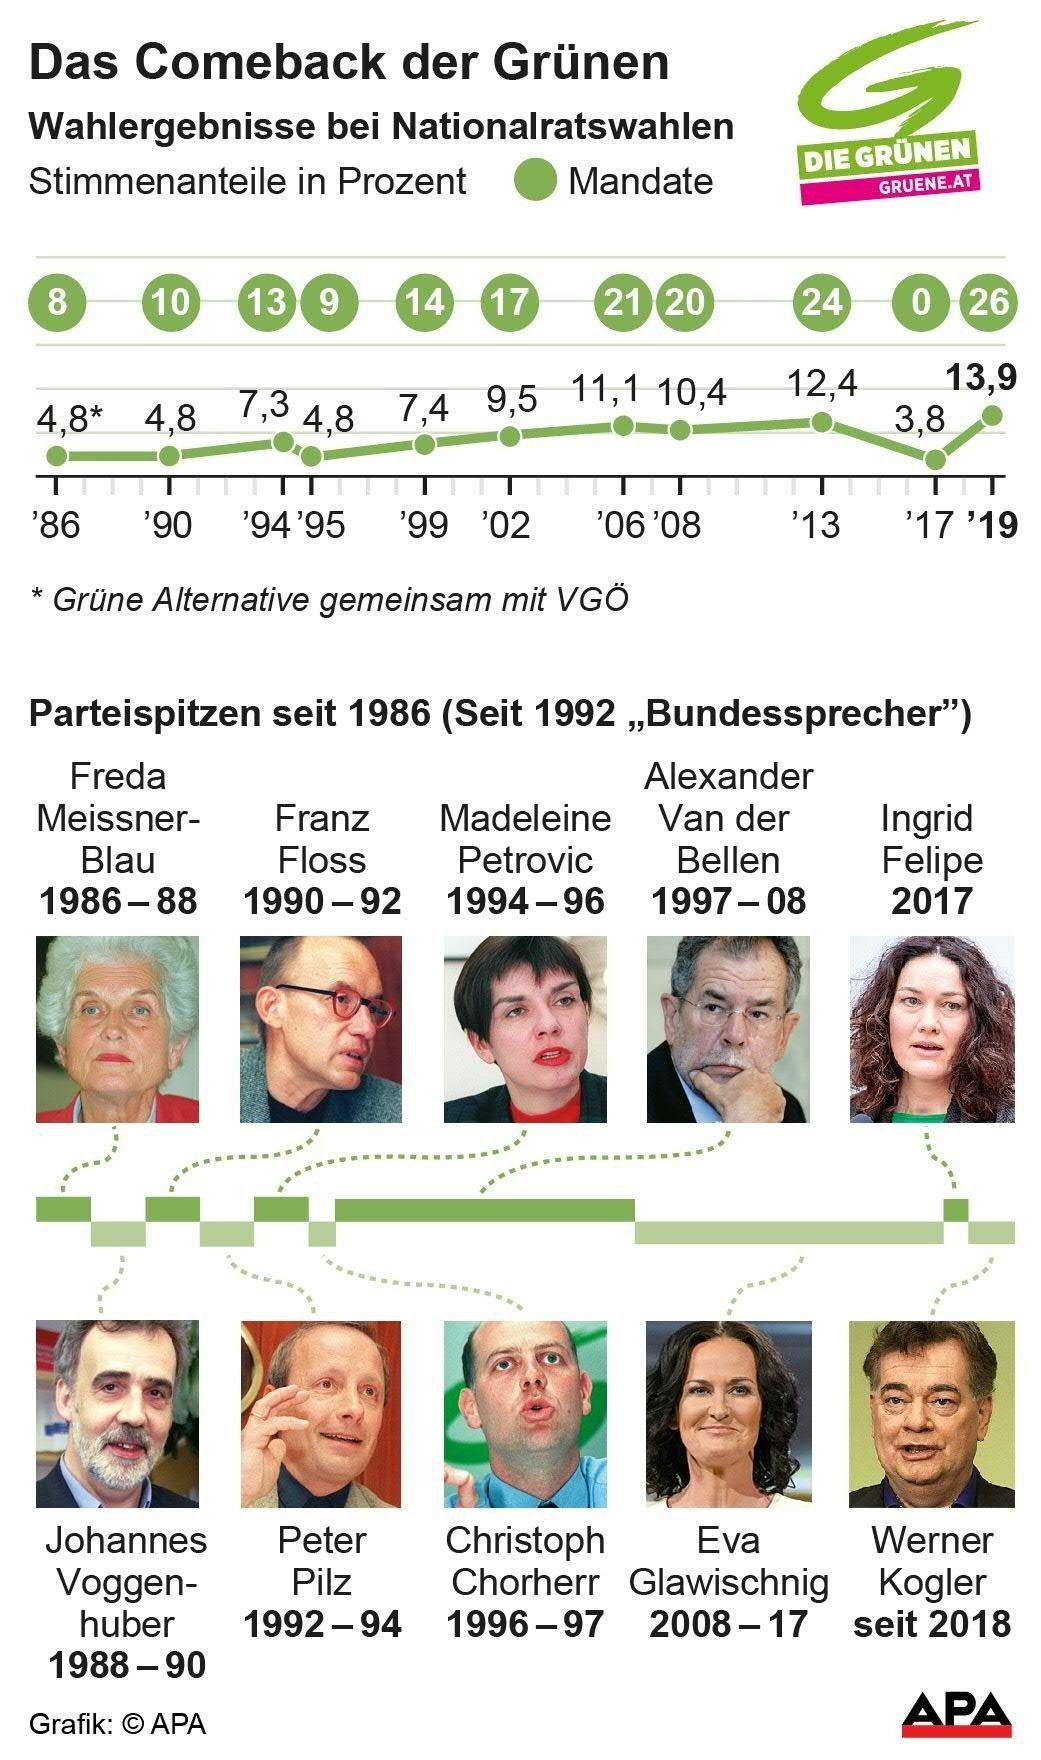 Ergebnisse der Grünen bei Nationalratswahlen